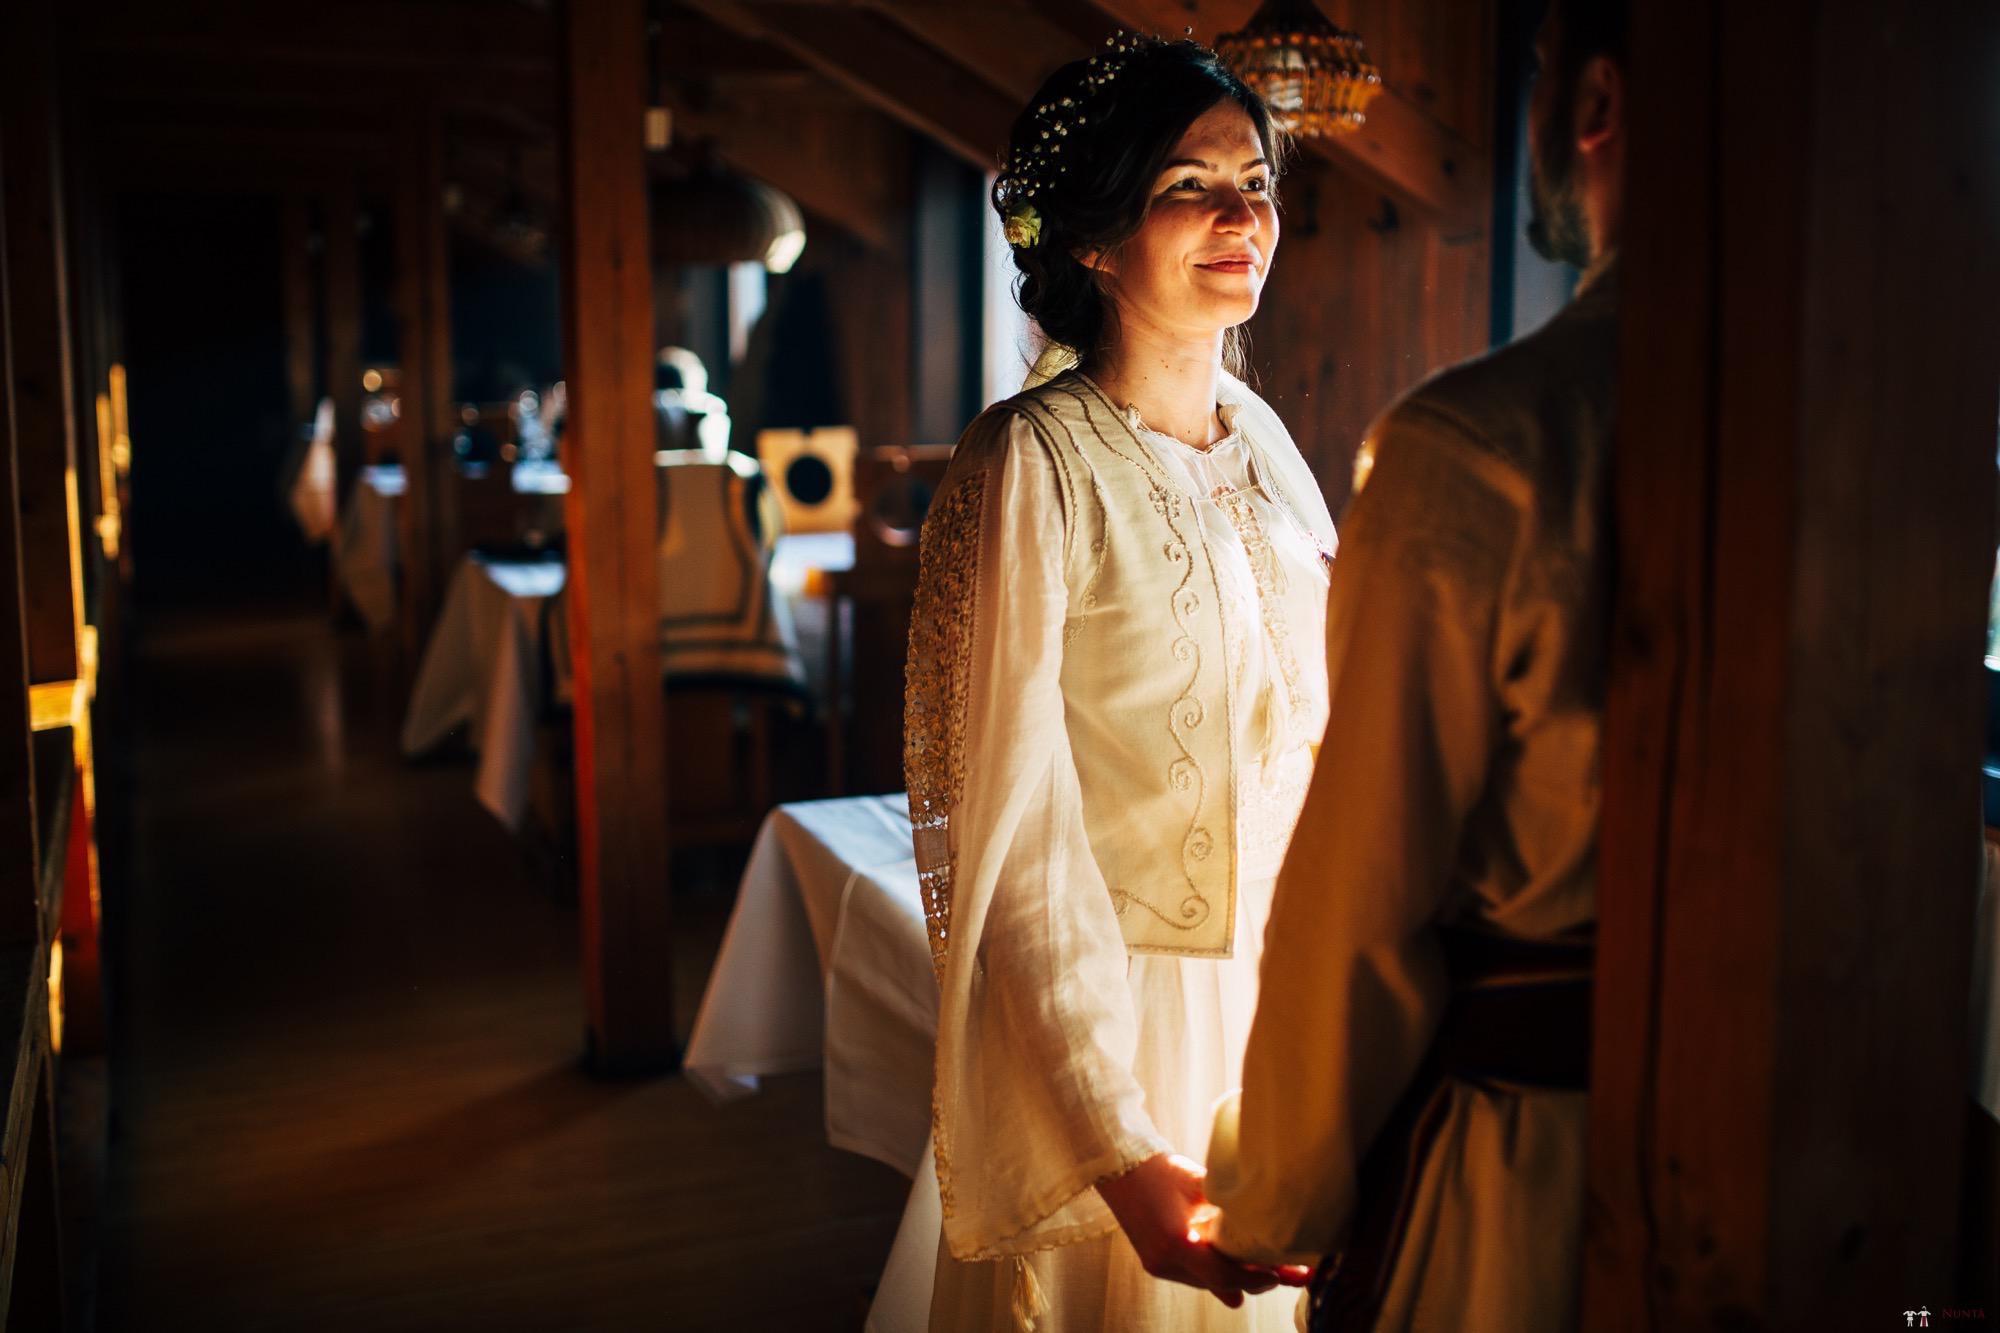 Povești Nunți Tradiționale - Gabriela și Adrian. Nuntă tradițională în Piatra Neamț 37